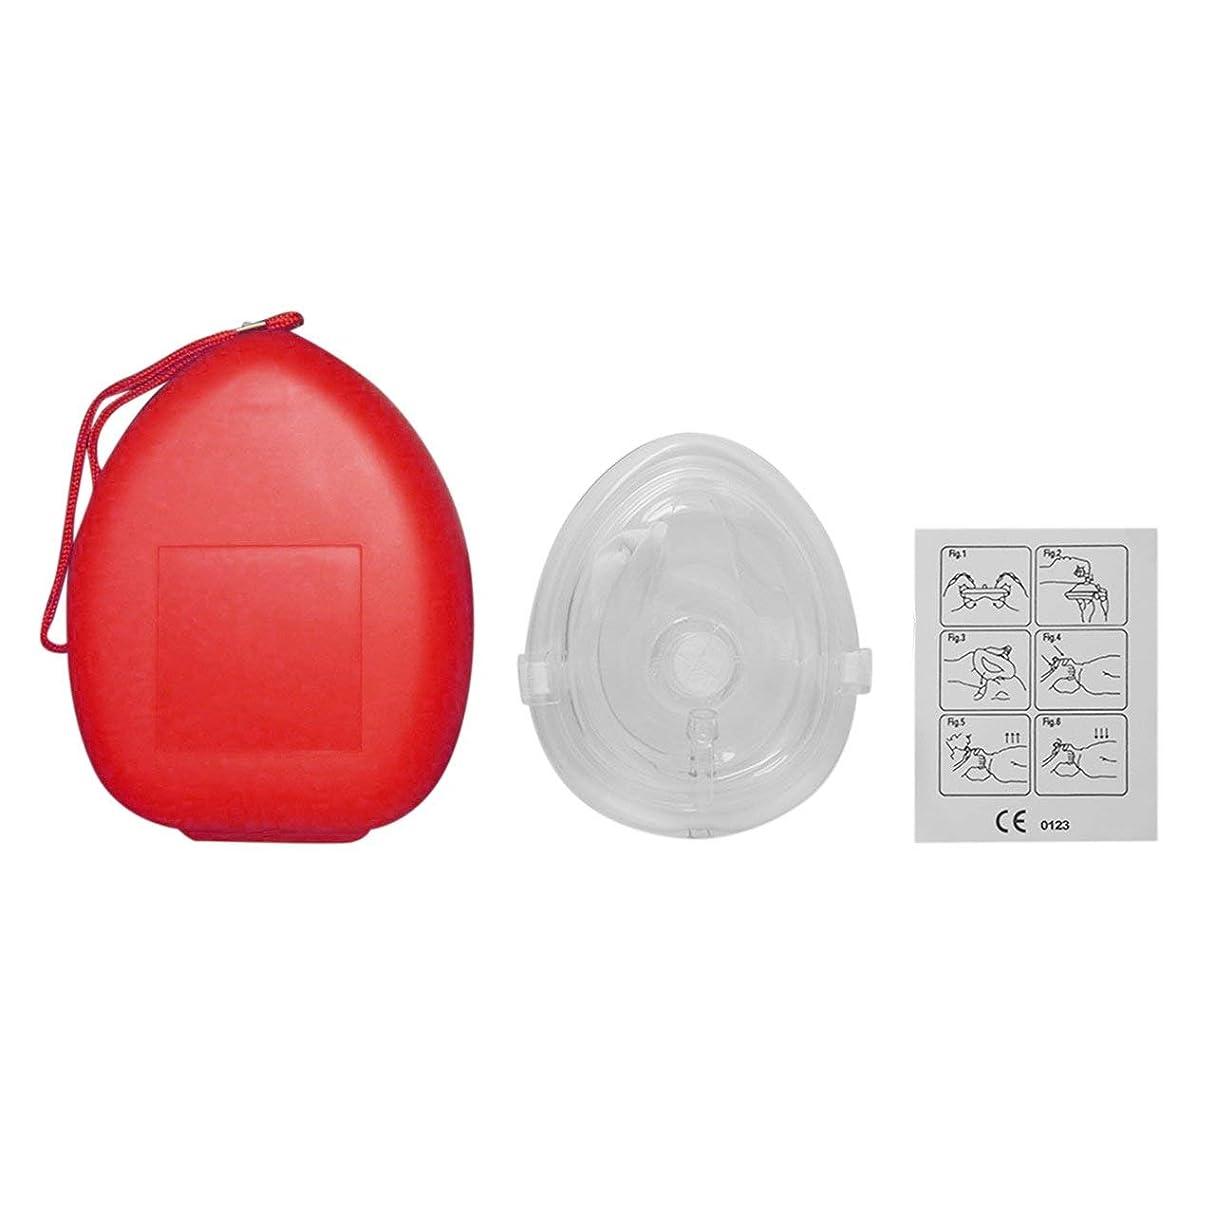 最少広い生き返らせる友美 プロのcpr顔保護マスク付き一方向弁救急救助者トレーニング教育キット呼吸マスク医療ツール